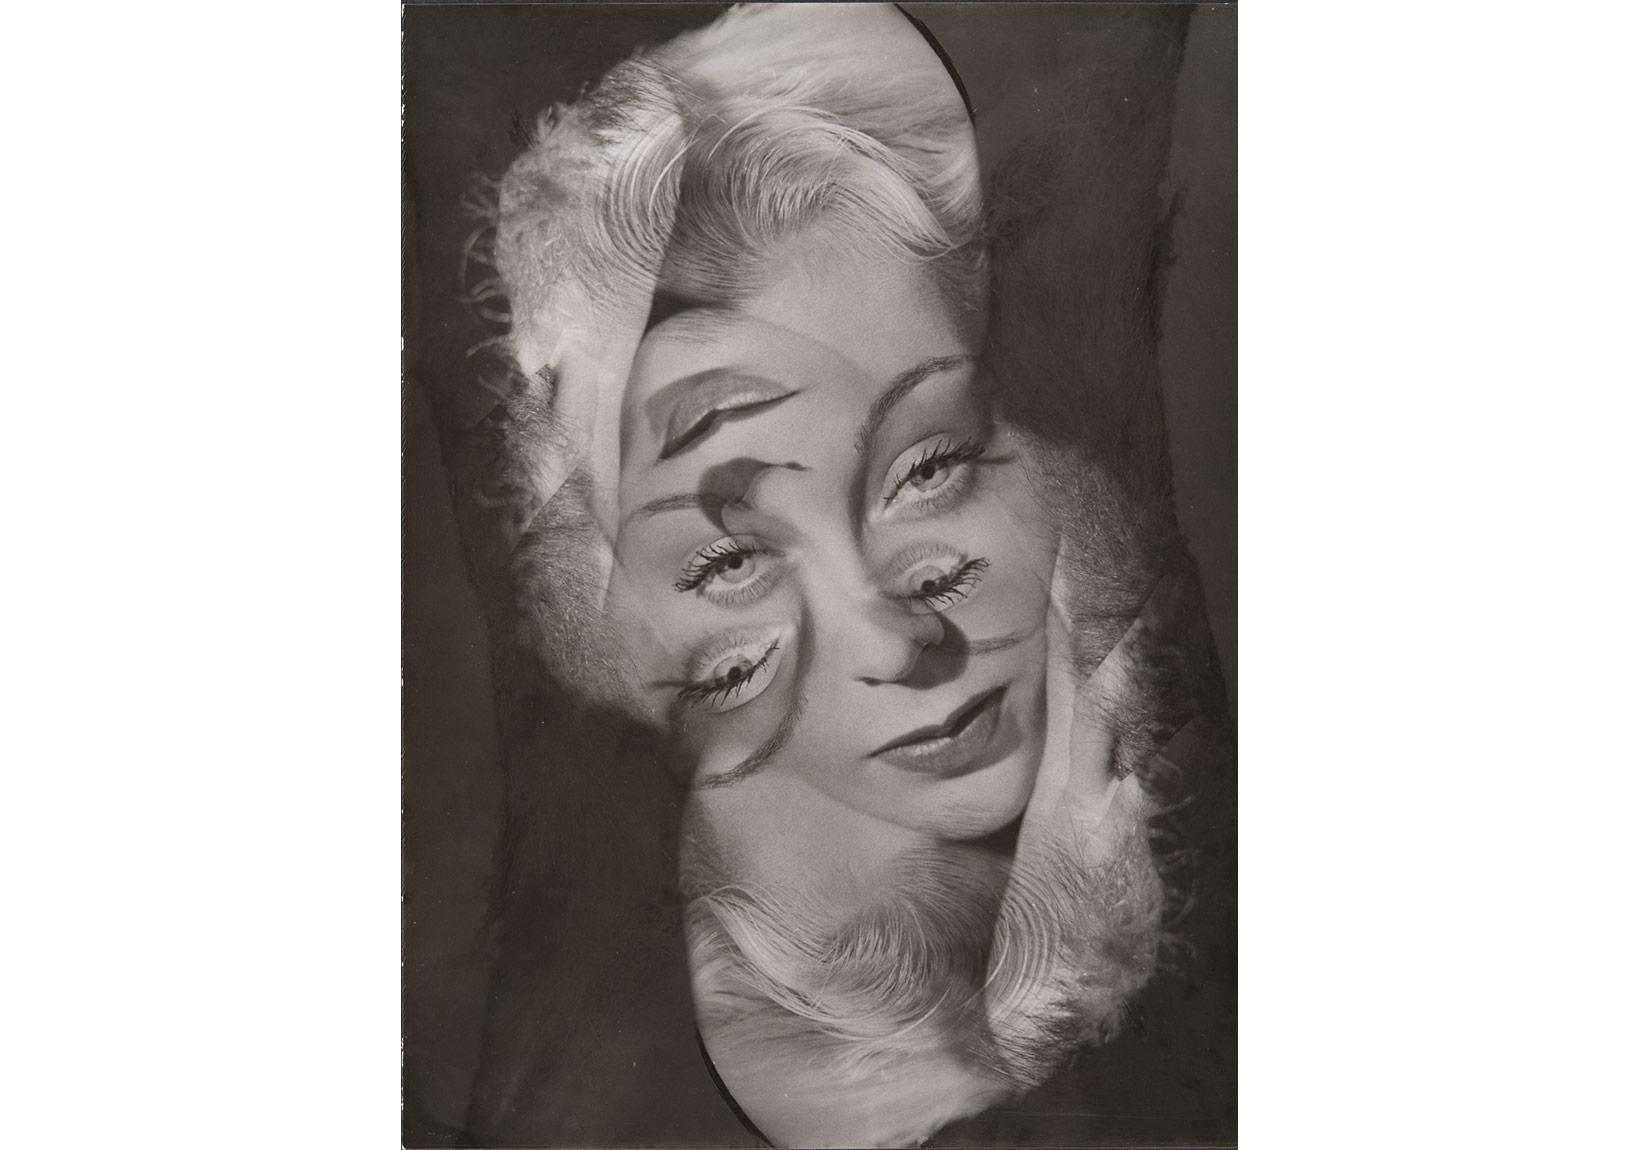 Philippe Halsman, 'Bir kadının deneysel portresi', 1931-1940, Archives Philippe Halsman © 2015 Philippe Halsman Archive/Magnum Photos